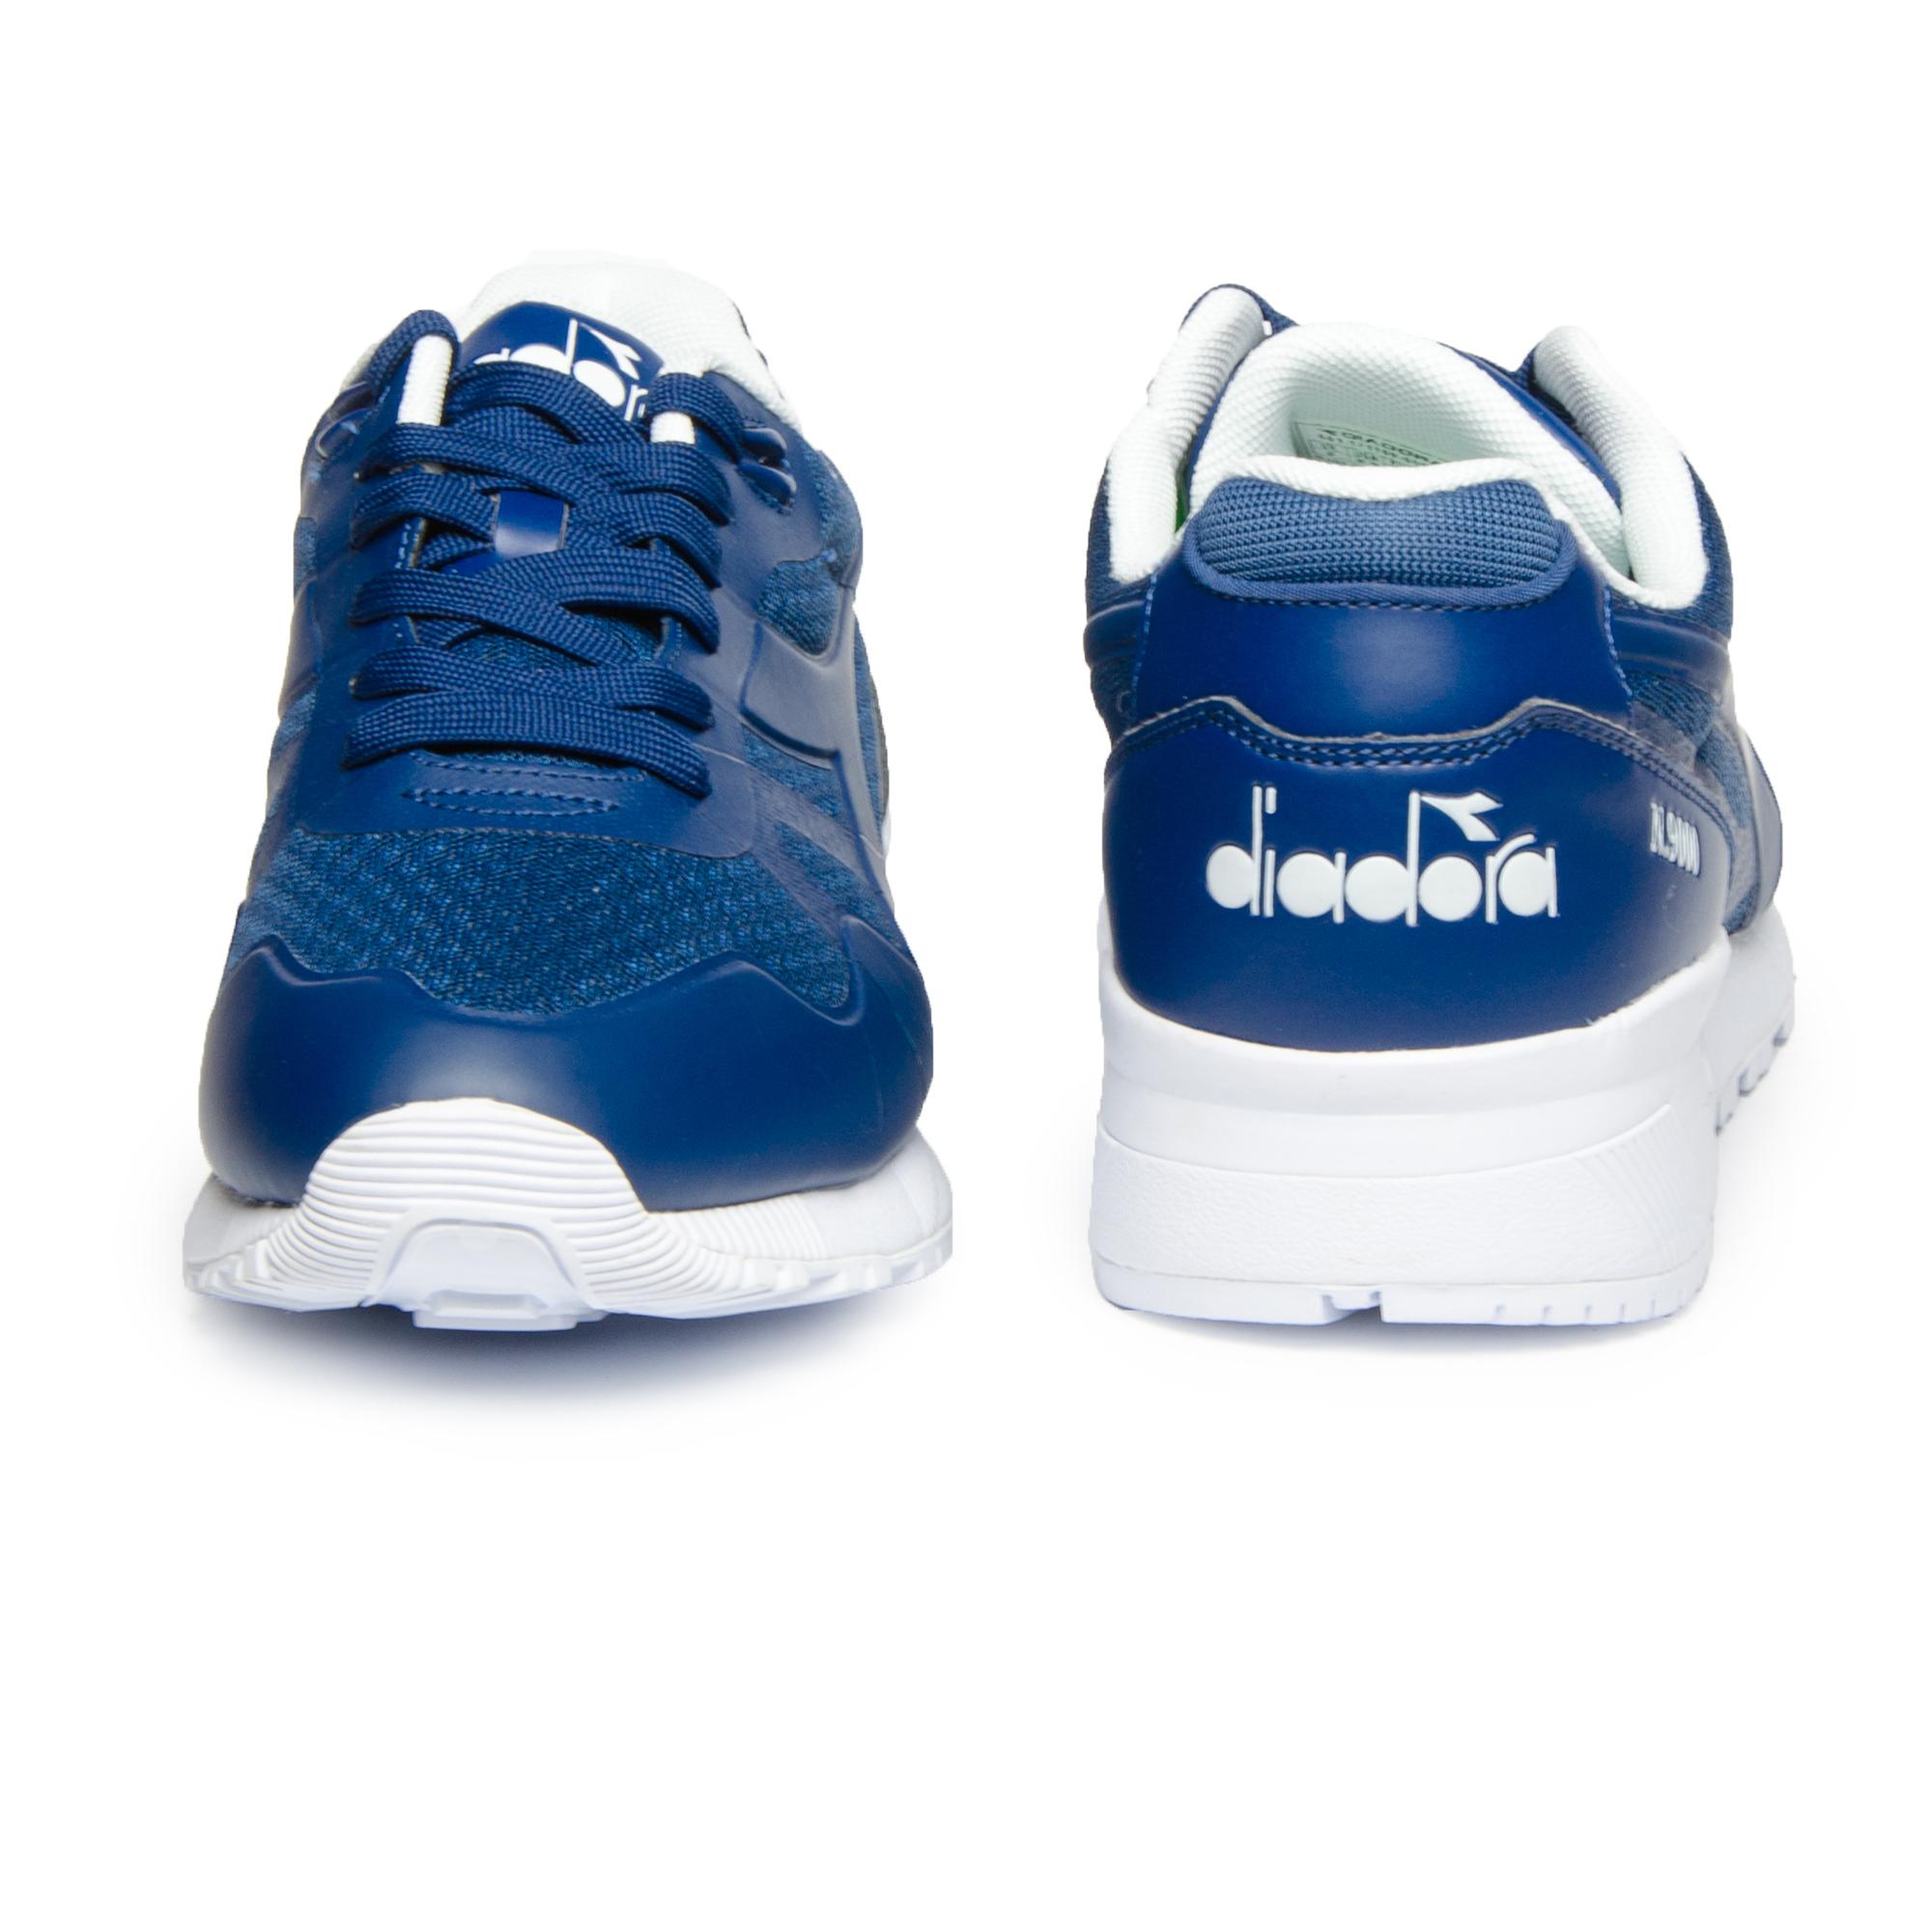 Кросівки унісекс Diadora N9000 MM II